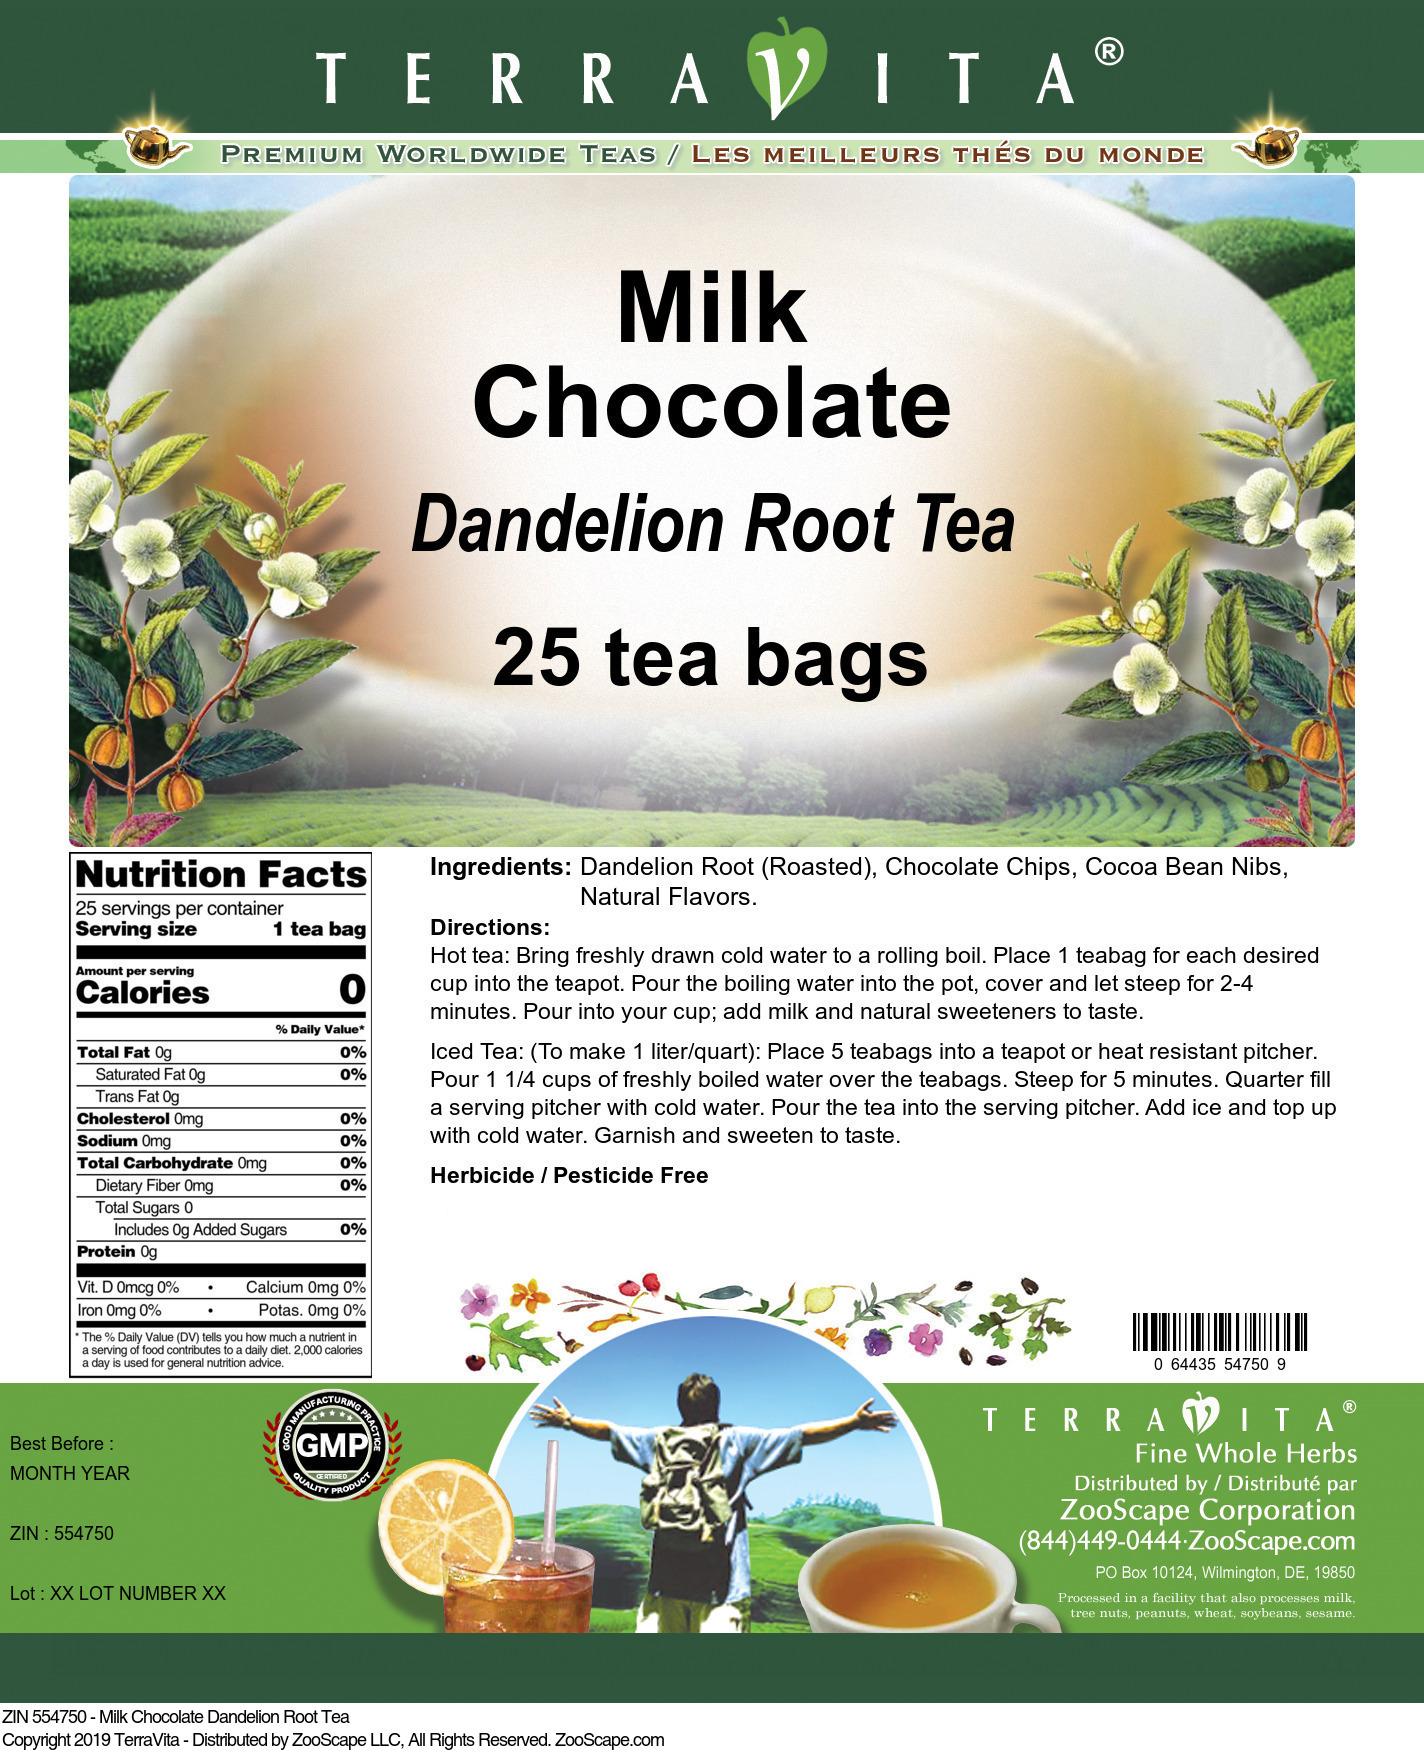 Milk Chocolate Dandelion Root Tea